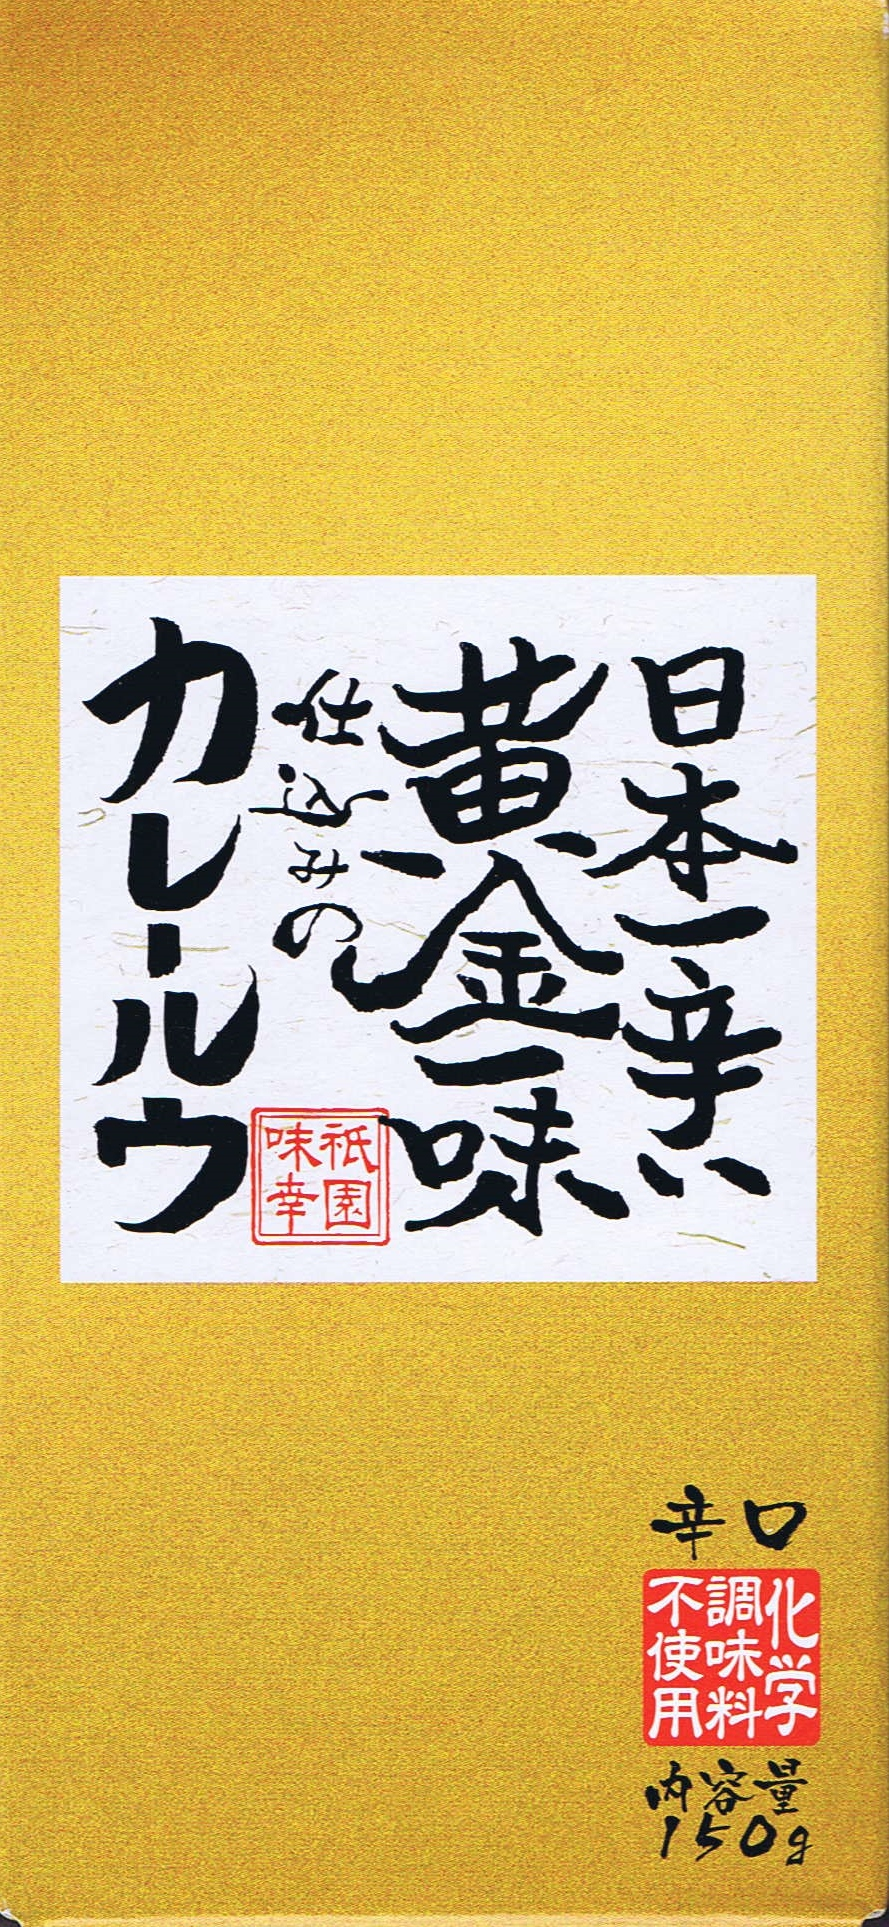 【賞味期限間近のため30%OFF】日本一辛い黄金一味仕込みのカレールウ